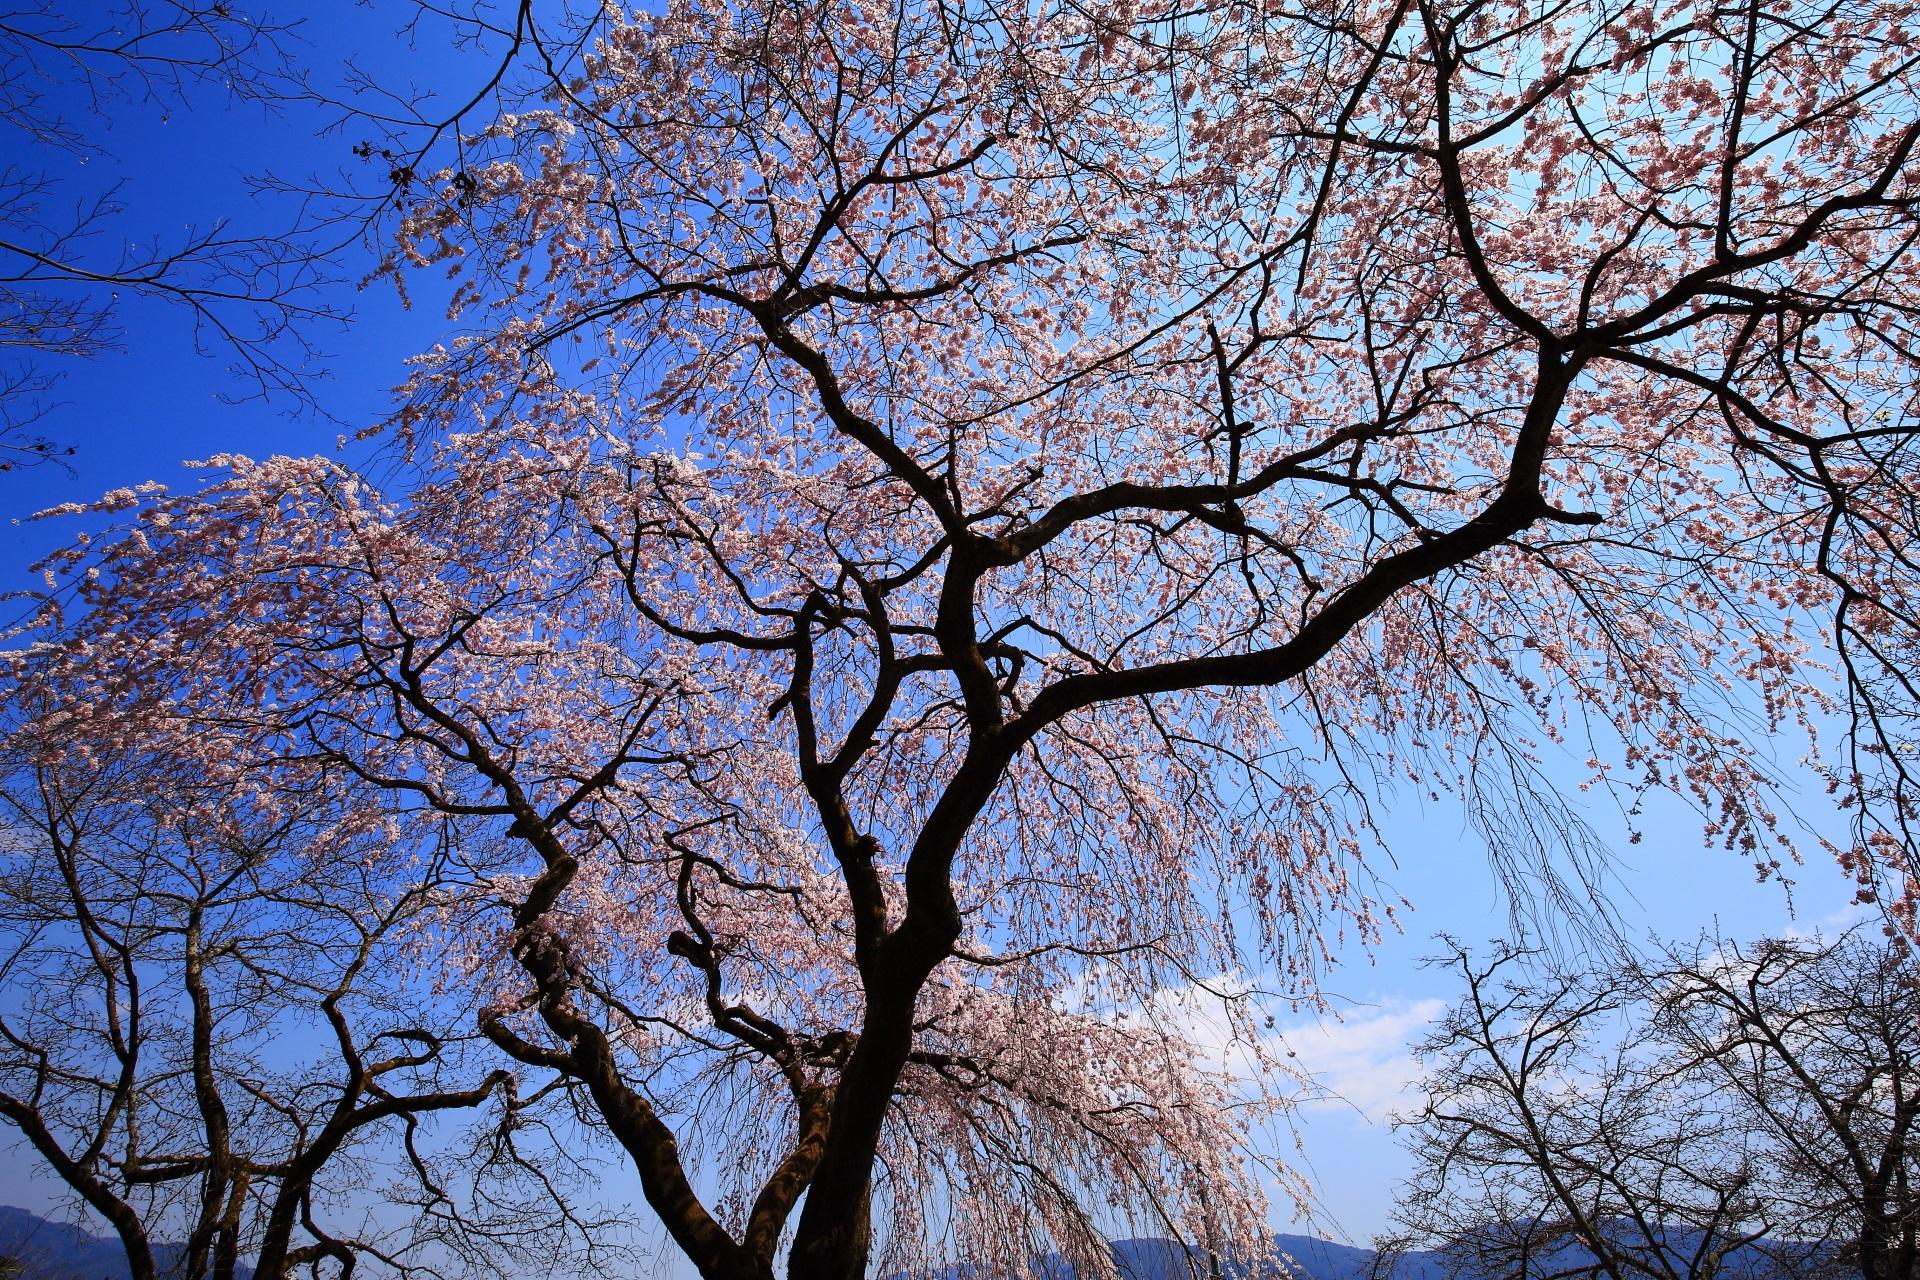 岩屋寺 桜 大石内蔵助ゆかりのお寺の豪快な桜